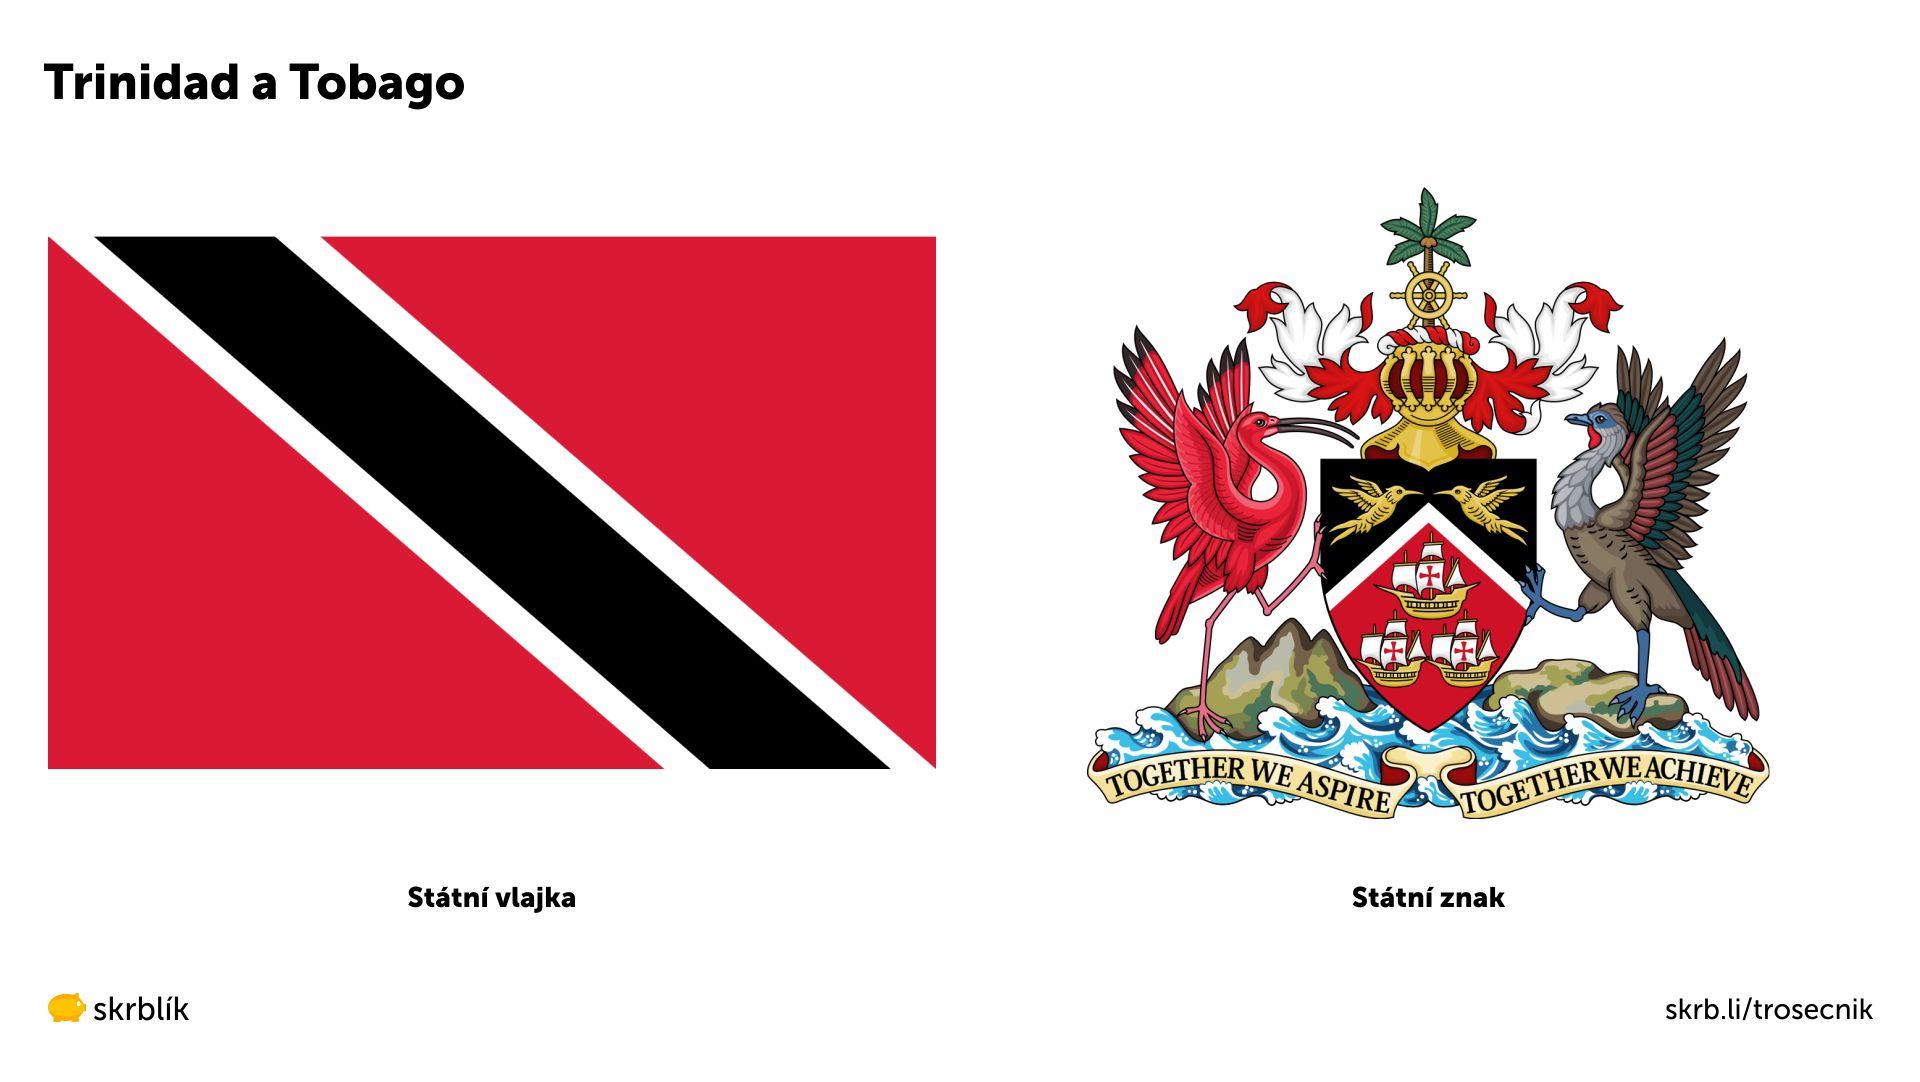 Trinidad aTobago